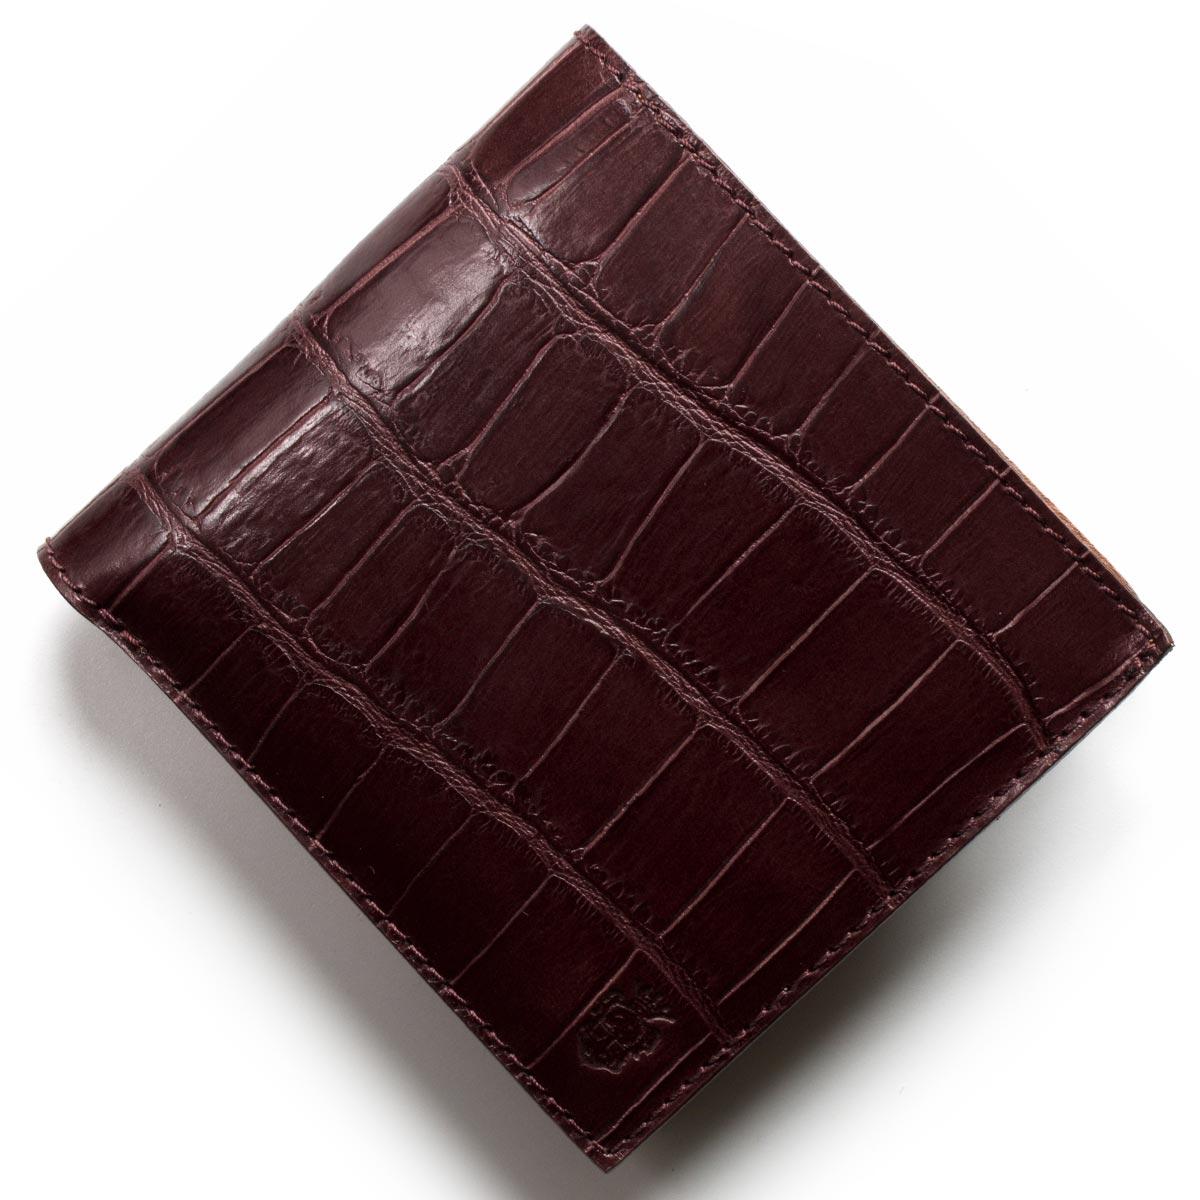 フェリージ 二つ折り財布 財布 メンズ クロコ型押し カードケースセット ボルドー 452 SA 0026 2018年春夏新作 FELISI